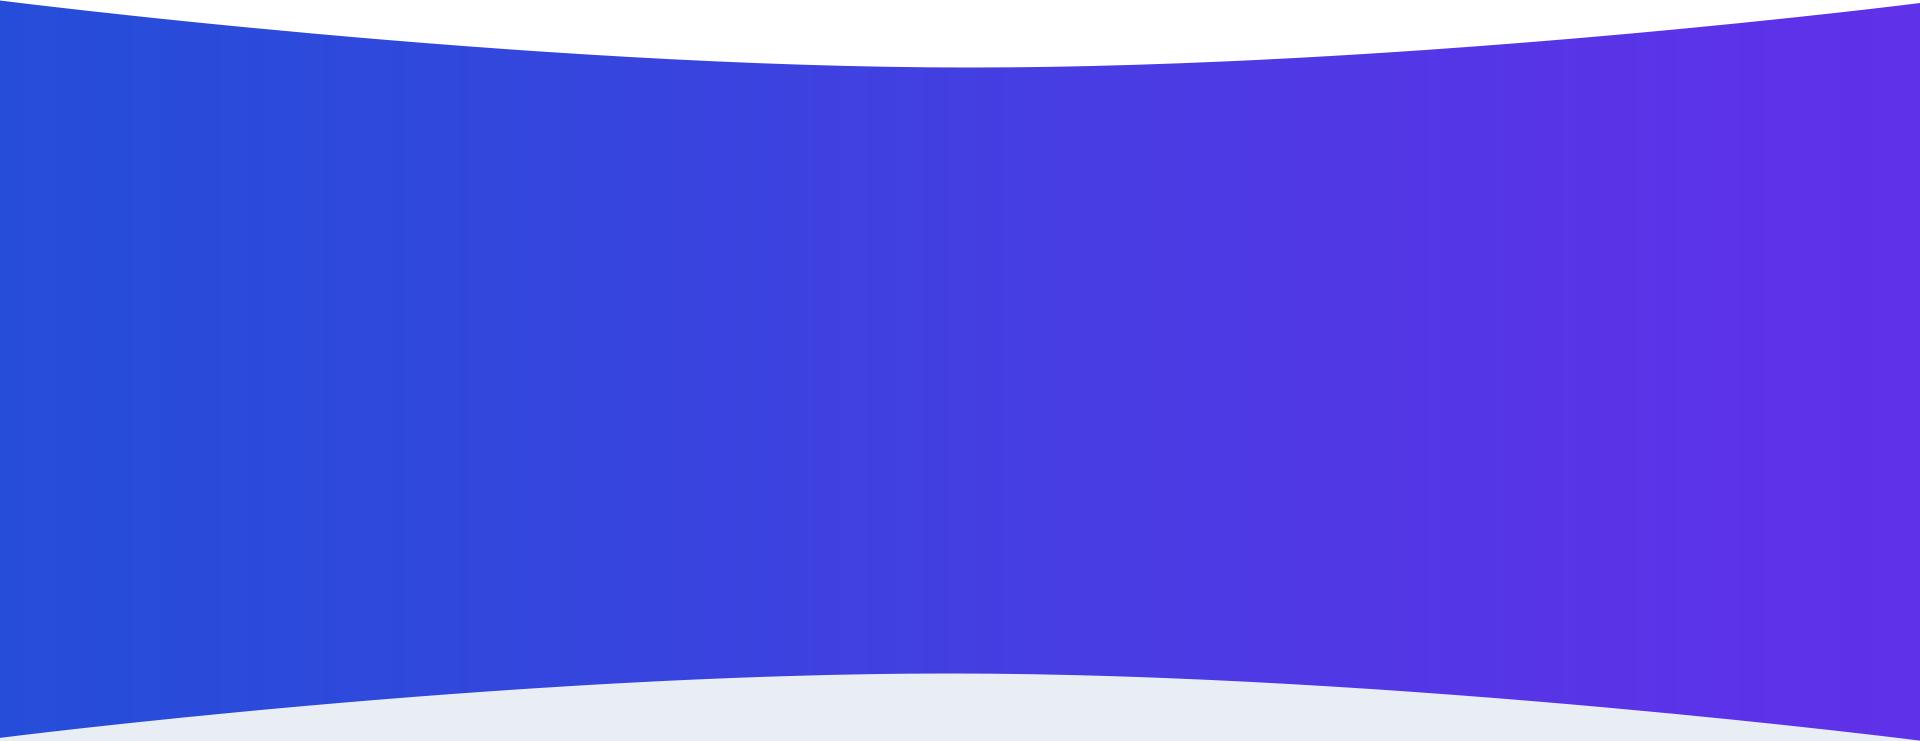 手绘动画视频制作软件